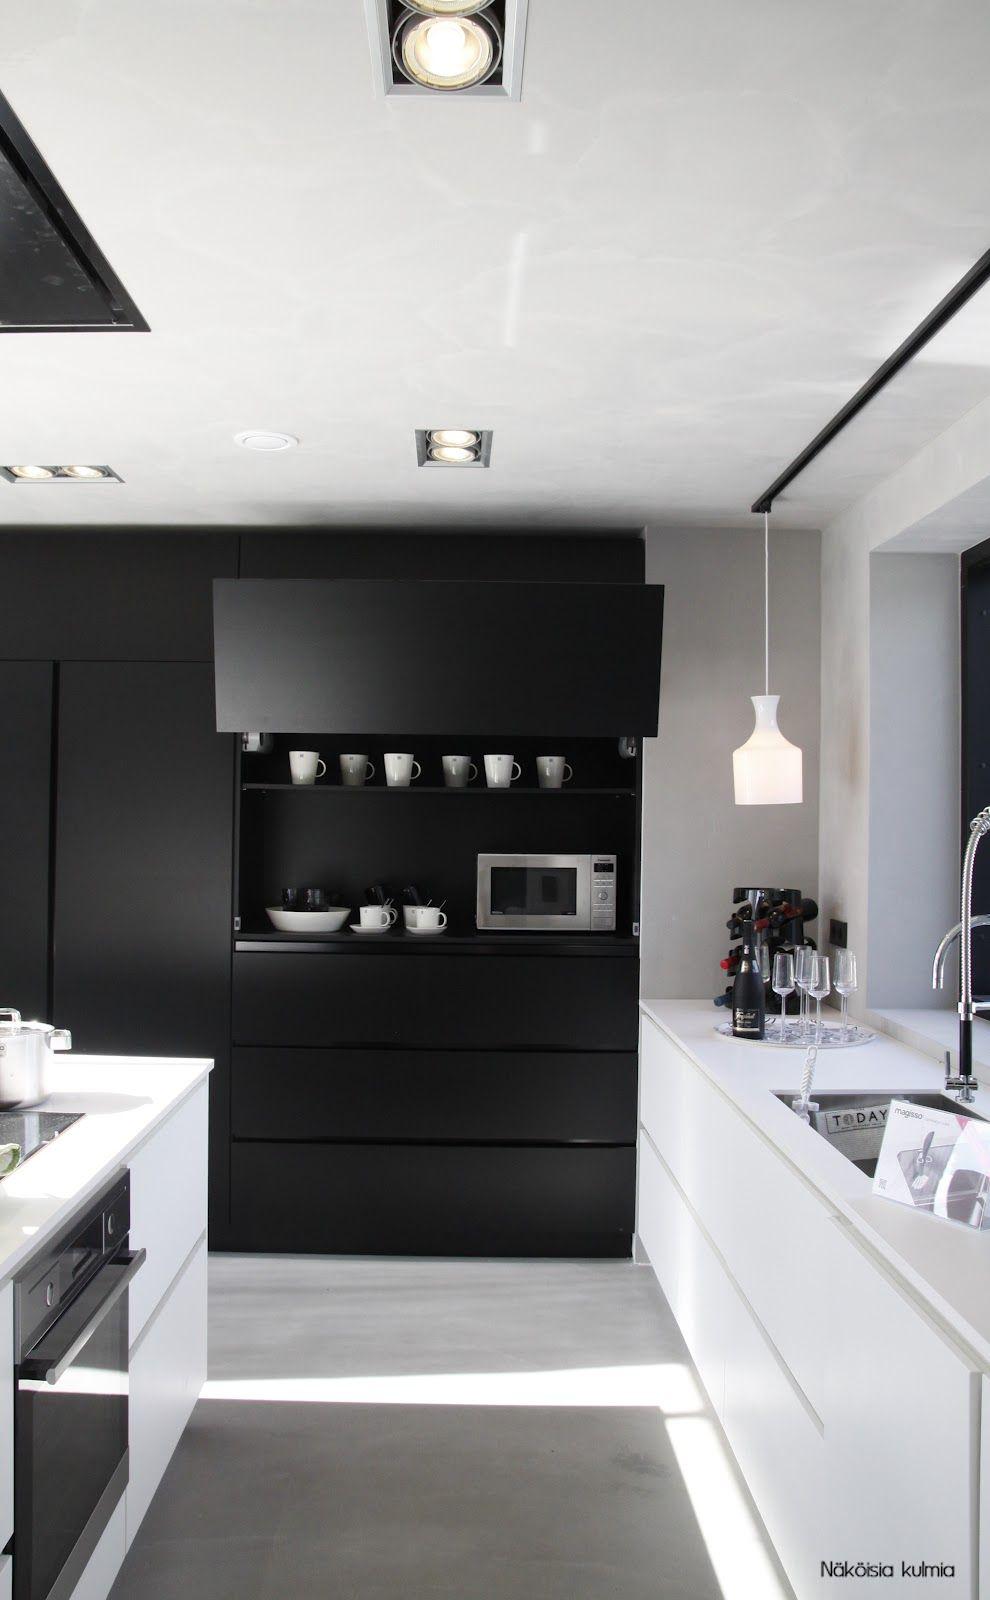 Cuisine Decoration Noir Et Blanc Sol Gris Clair Cuisines Design Cuisine Moderne